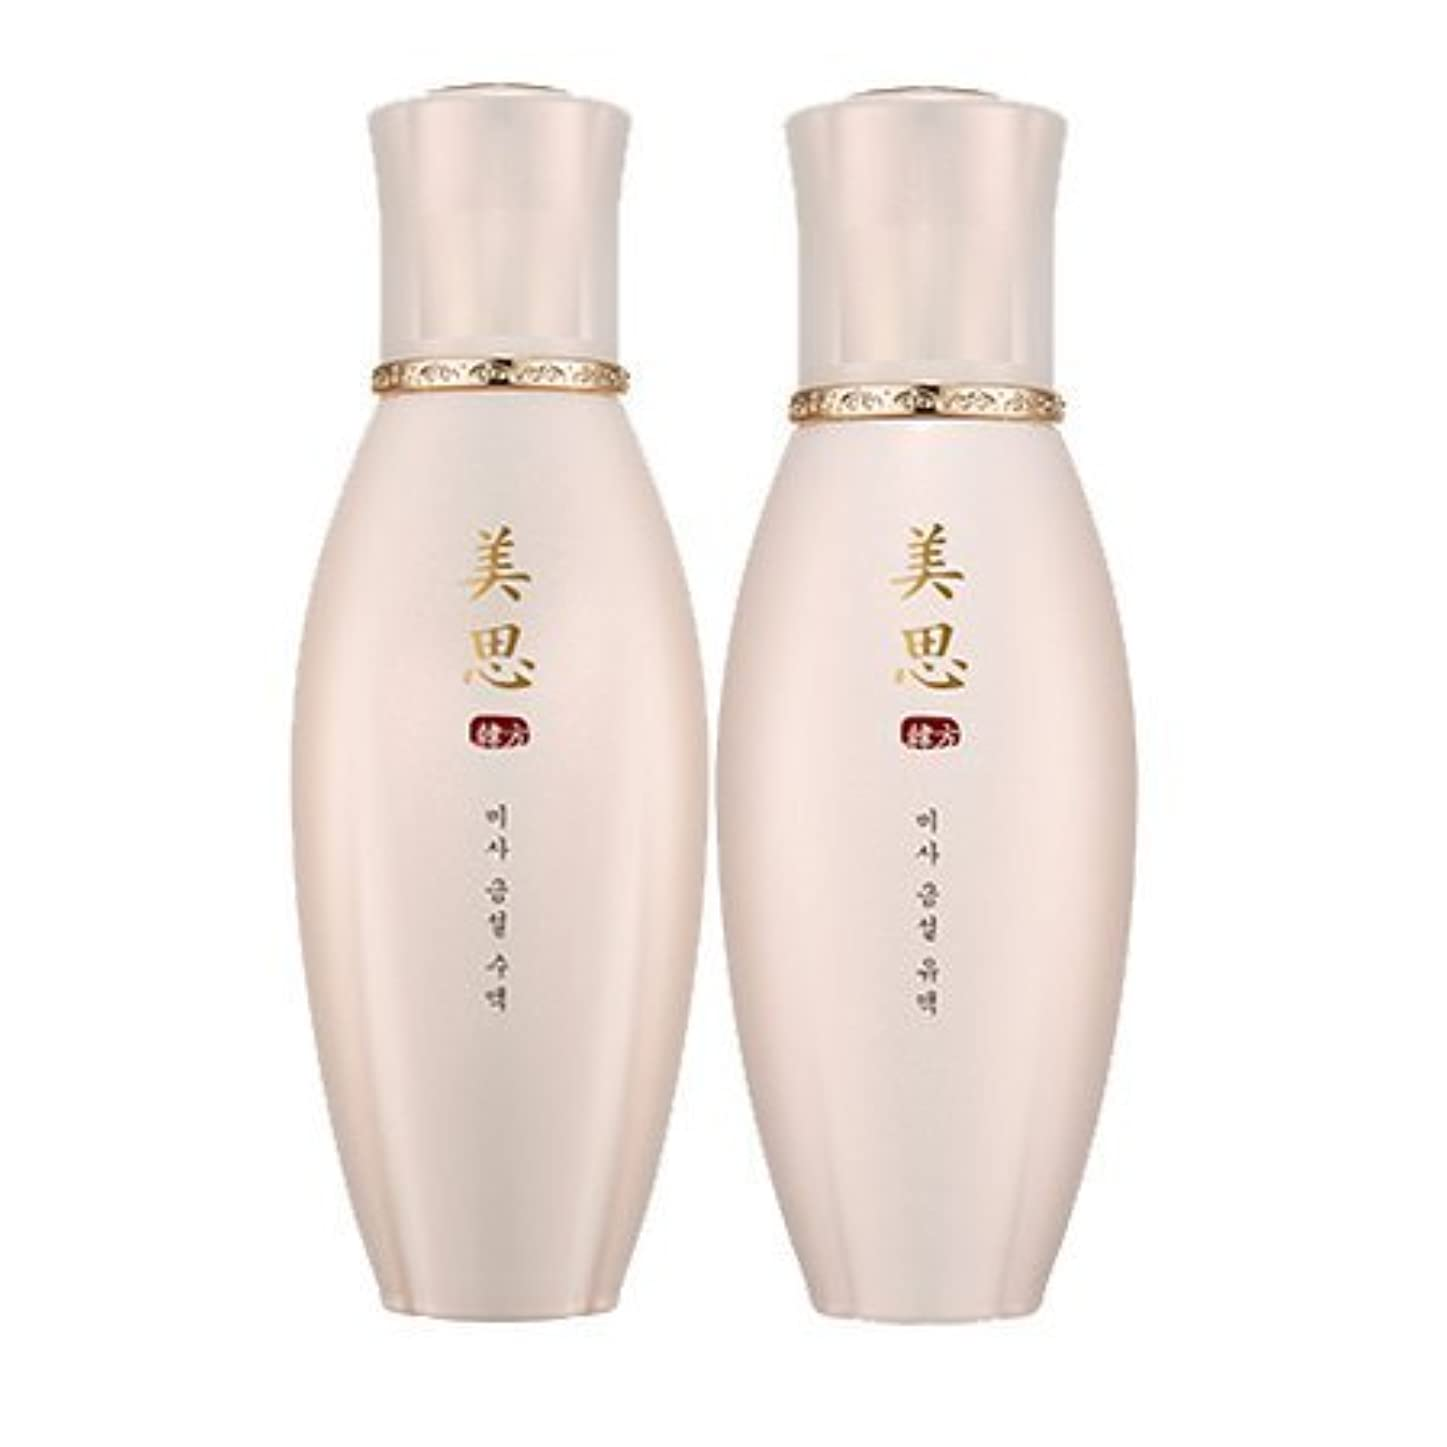 震える生活ぼかしMISSHA(ミシャ) 美思 韓方 クムソル(金雪) 基礎化粧品 スキンケア 化粧水+乳液=お得2種Set